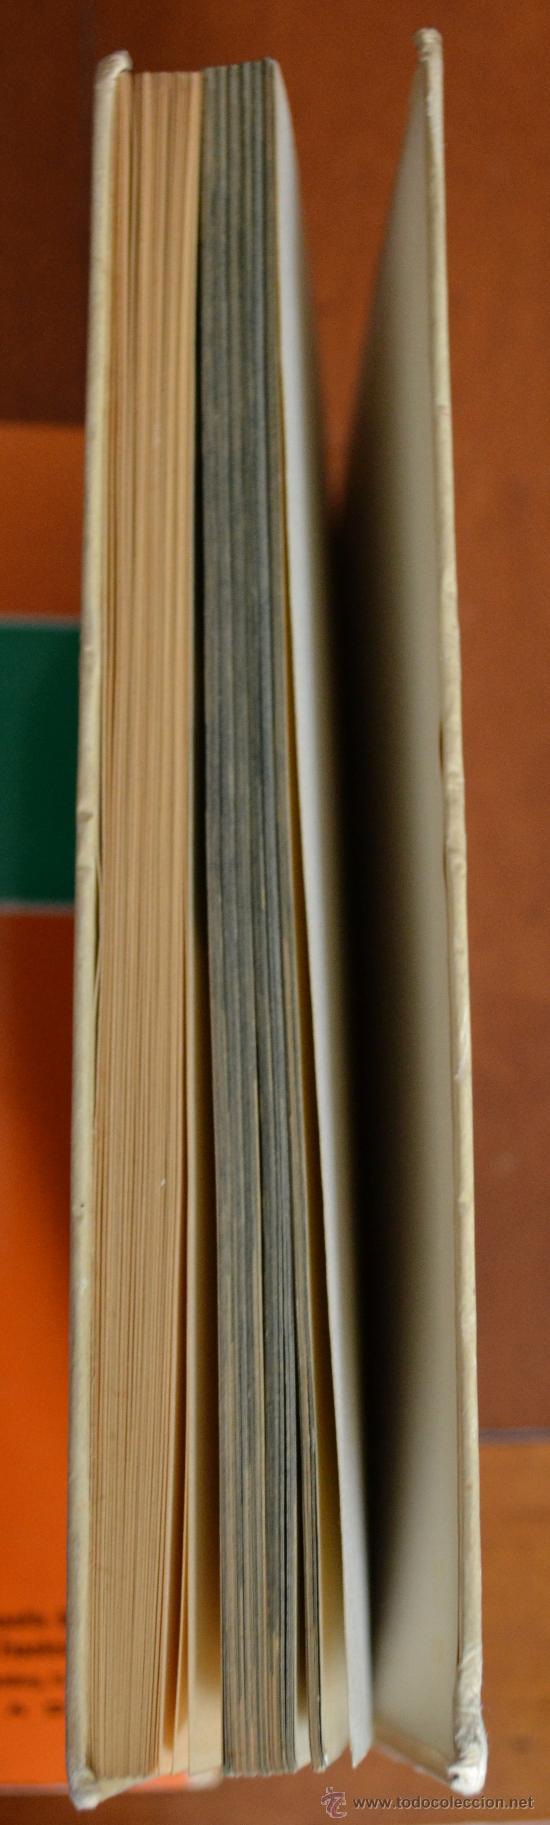 Libros de segunda mano: ¡ESPECIAL LOTE DE 2 LIBROS SOBRE EL MUSEO DEL PRADO!. MUY ILUSTRADOS Y EN BUEN ESTADO. VER FOTOS. - Foto 4 - 38922214